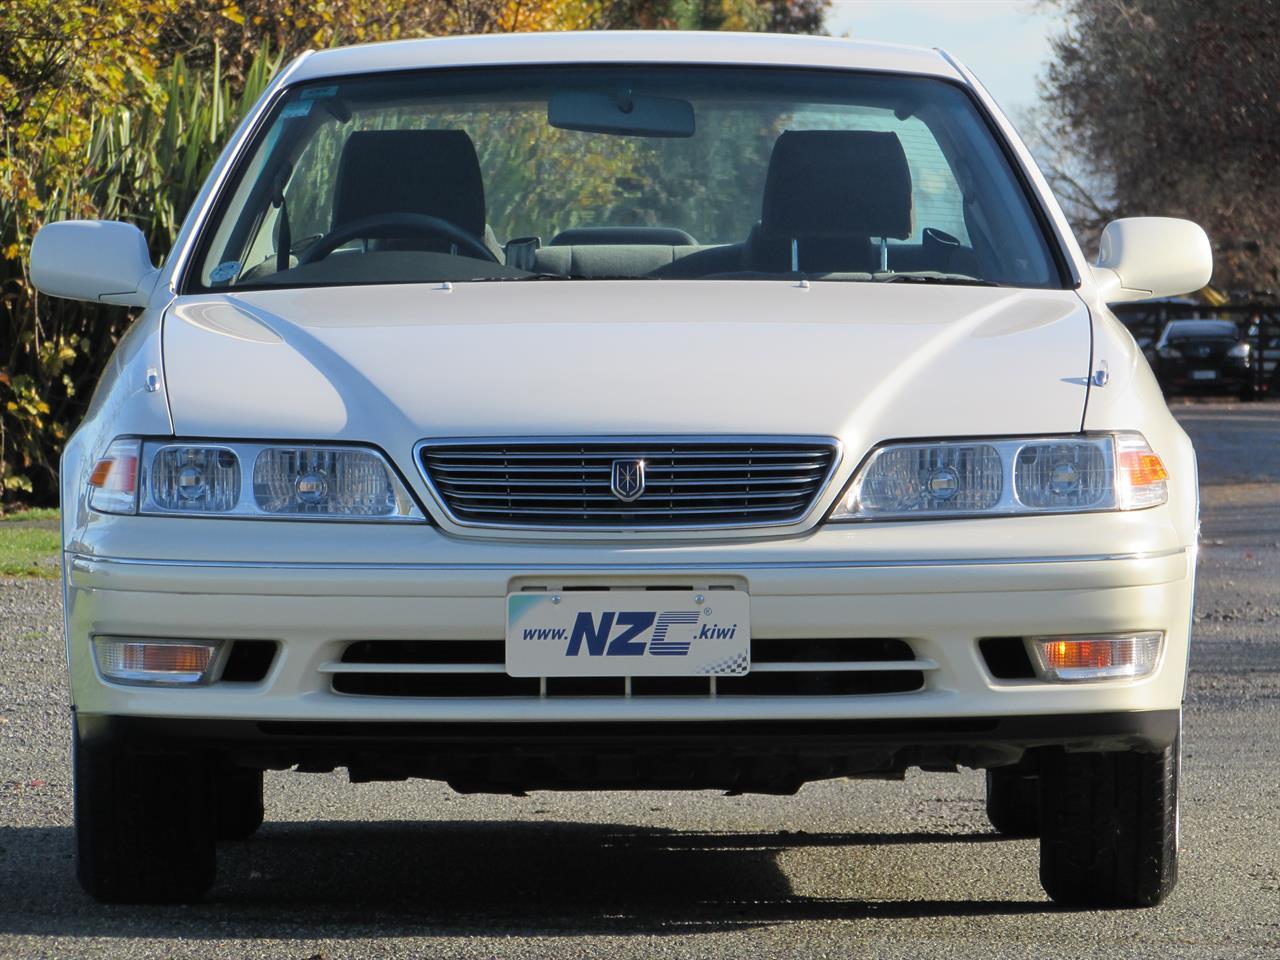 1997 Toyota MARK II only $47 weekly